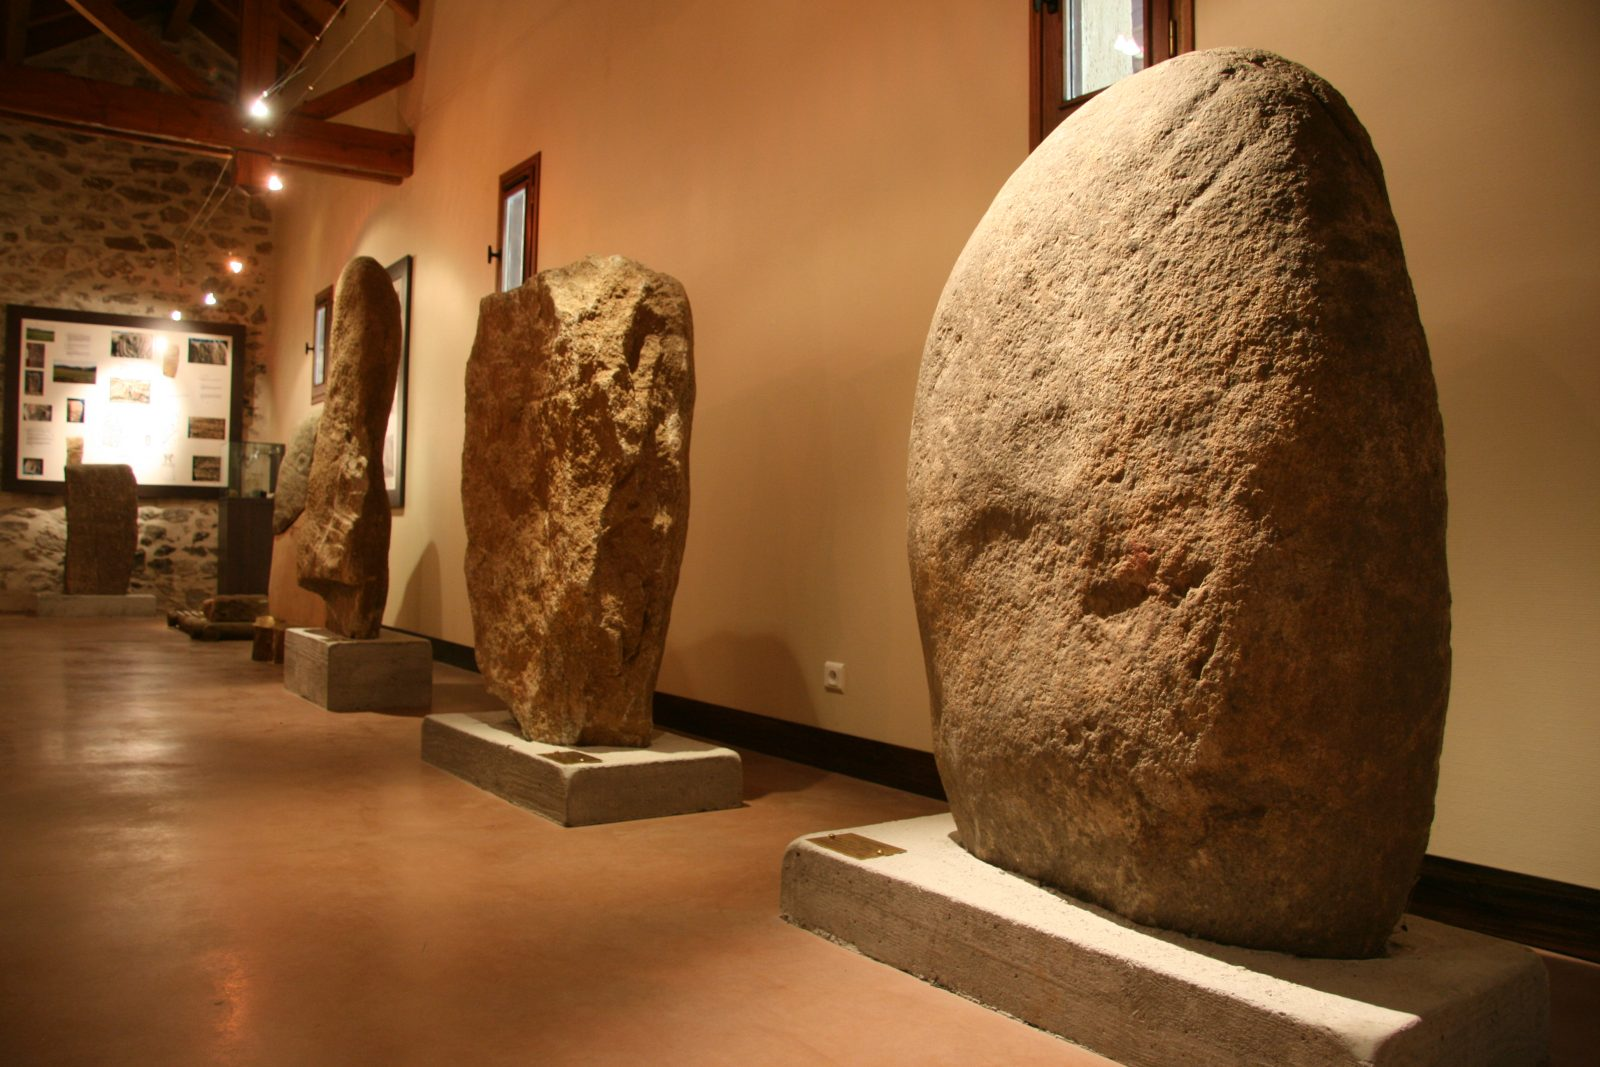 Salle d'exposition de statues menhirs